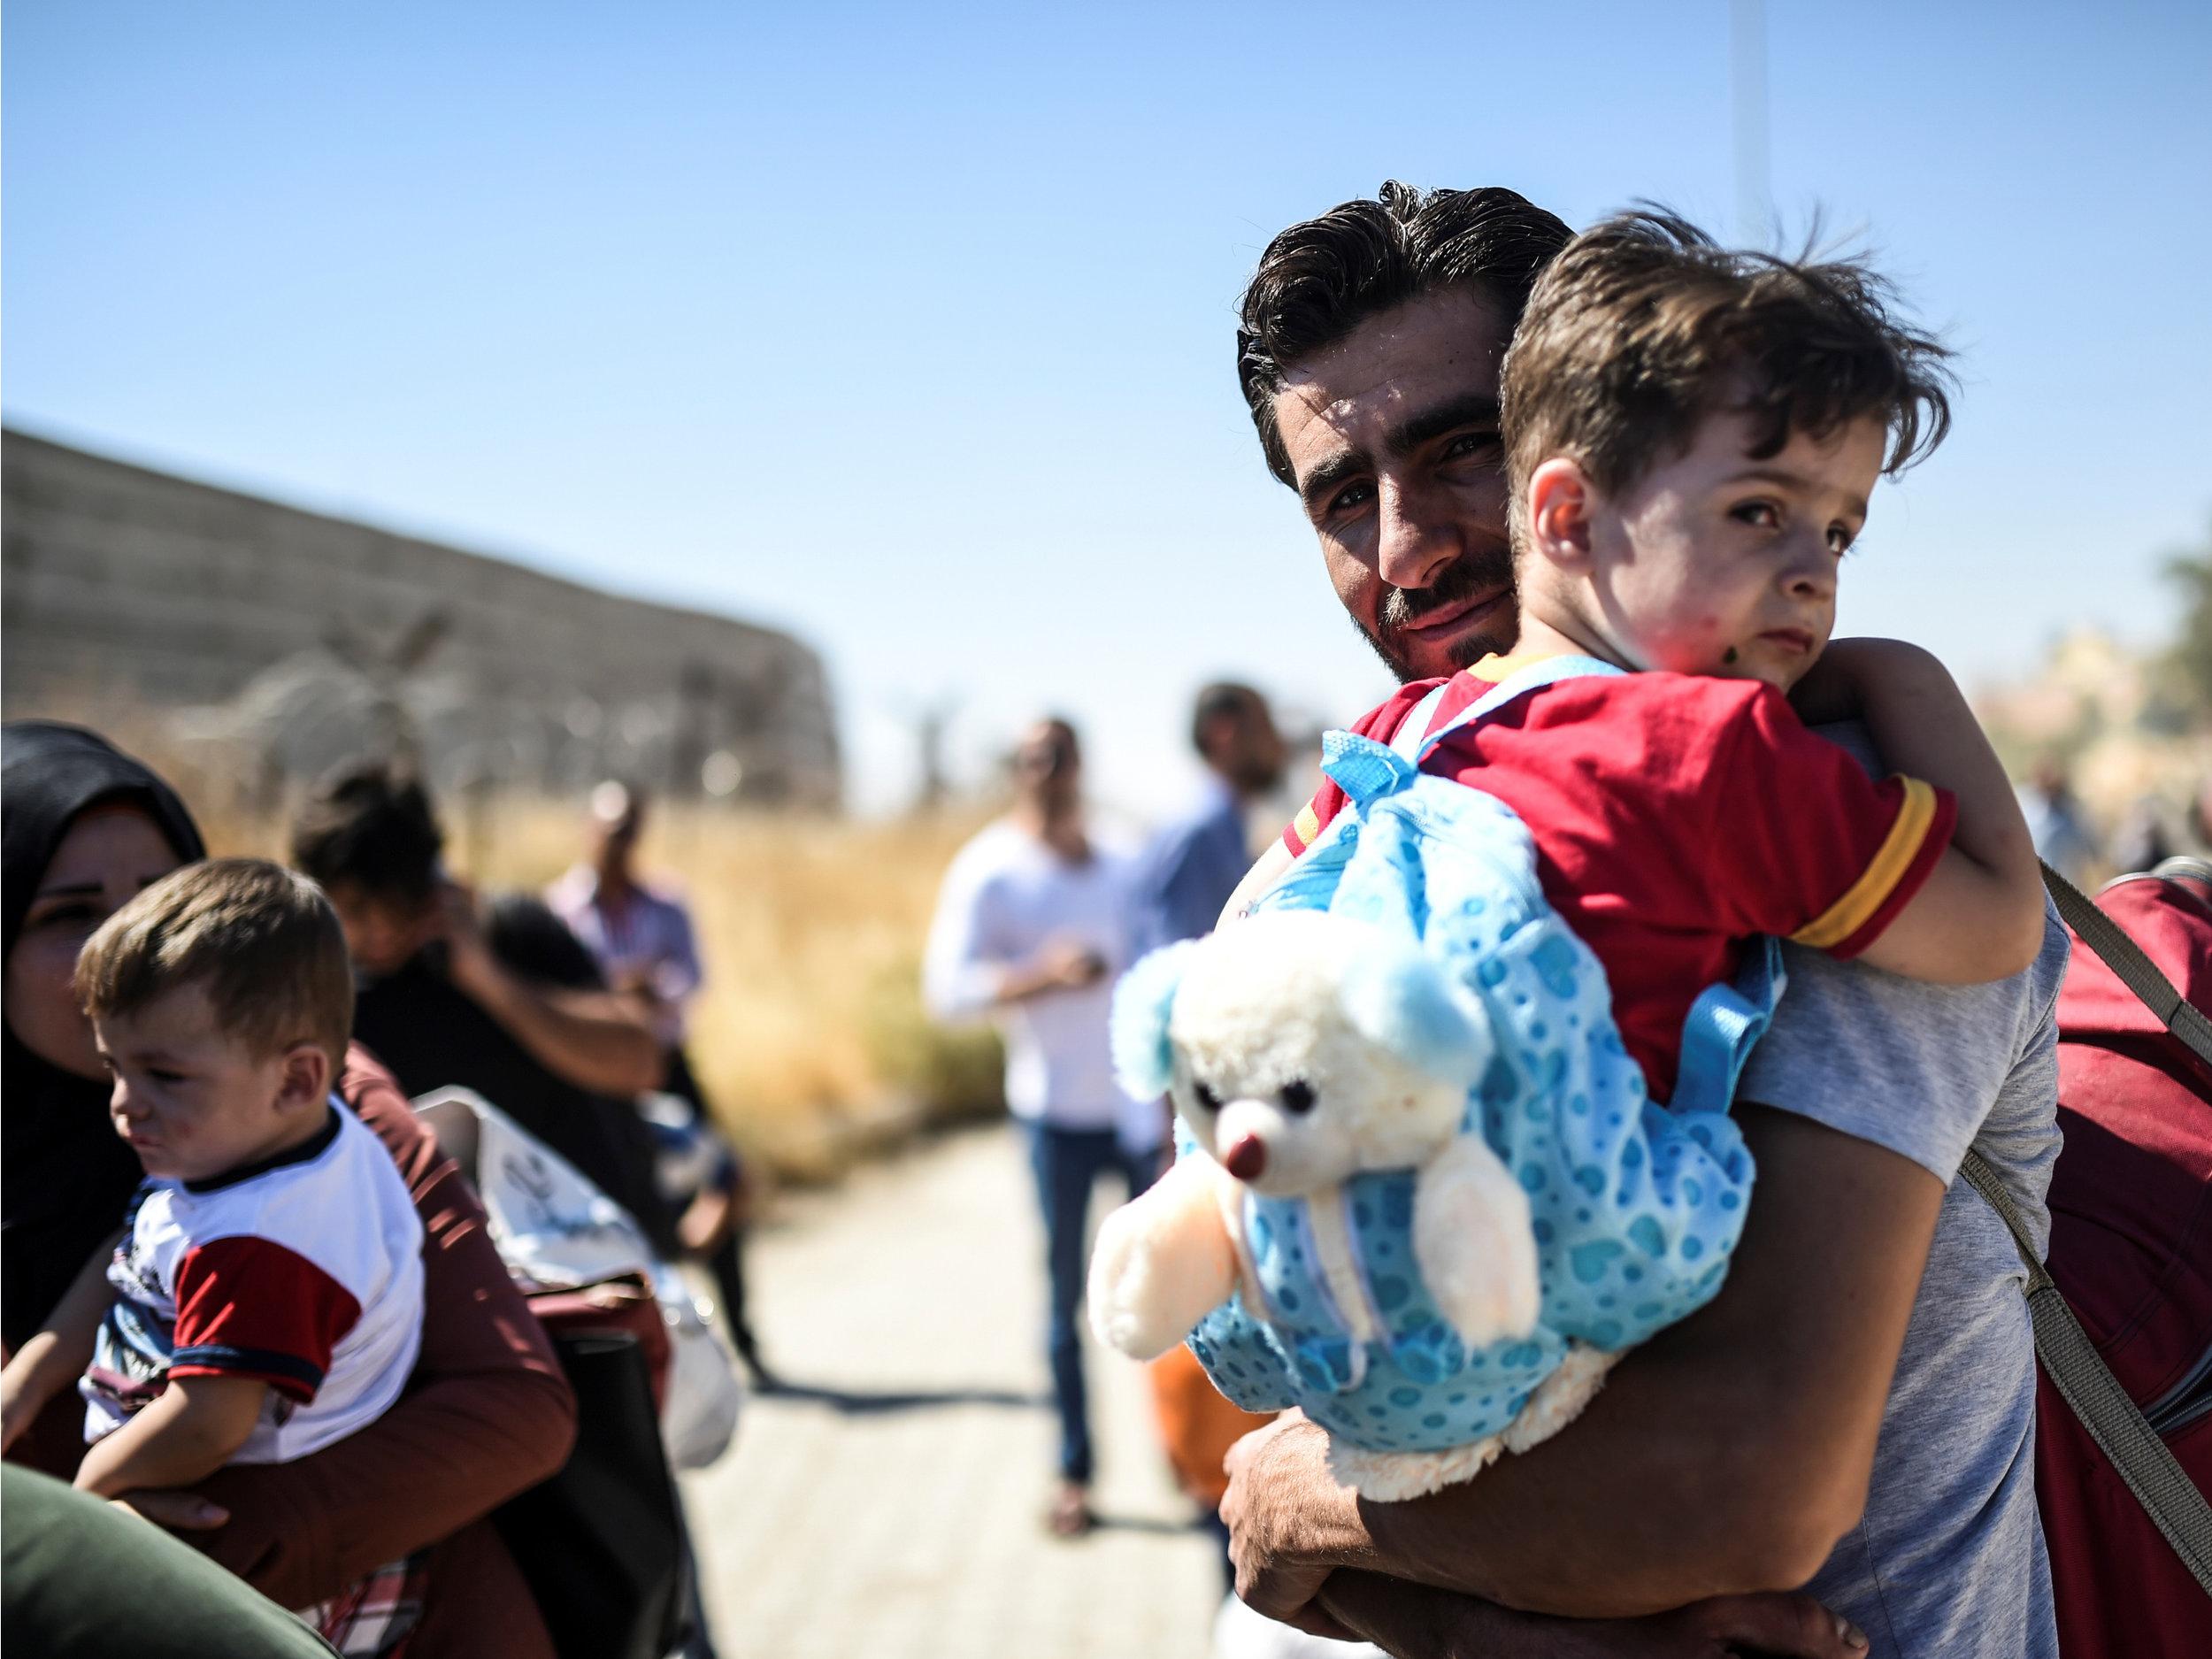 faq_page_image_syrian_ref_boy_800w.jpg